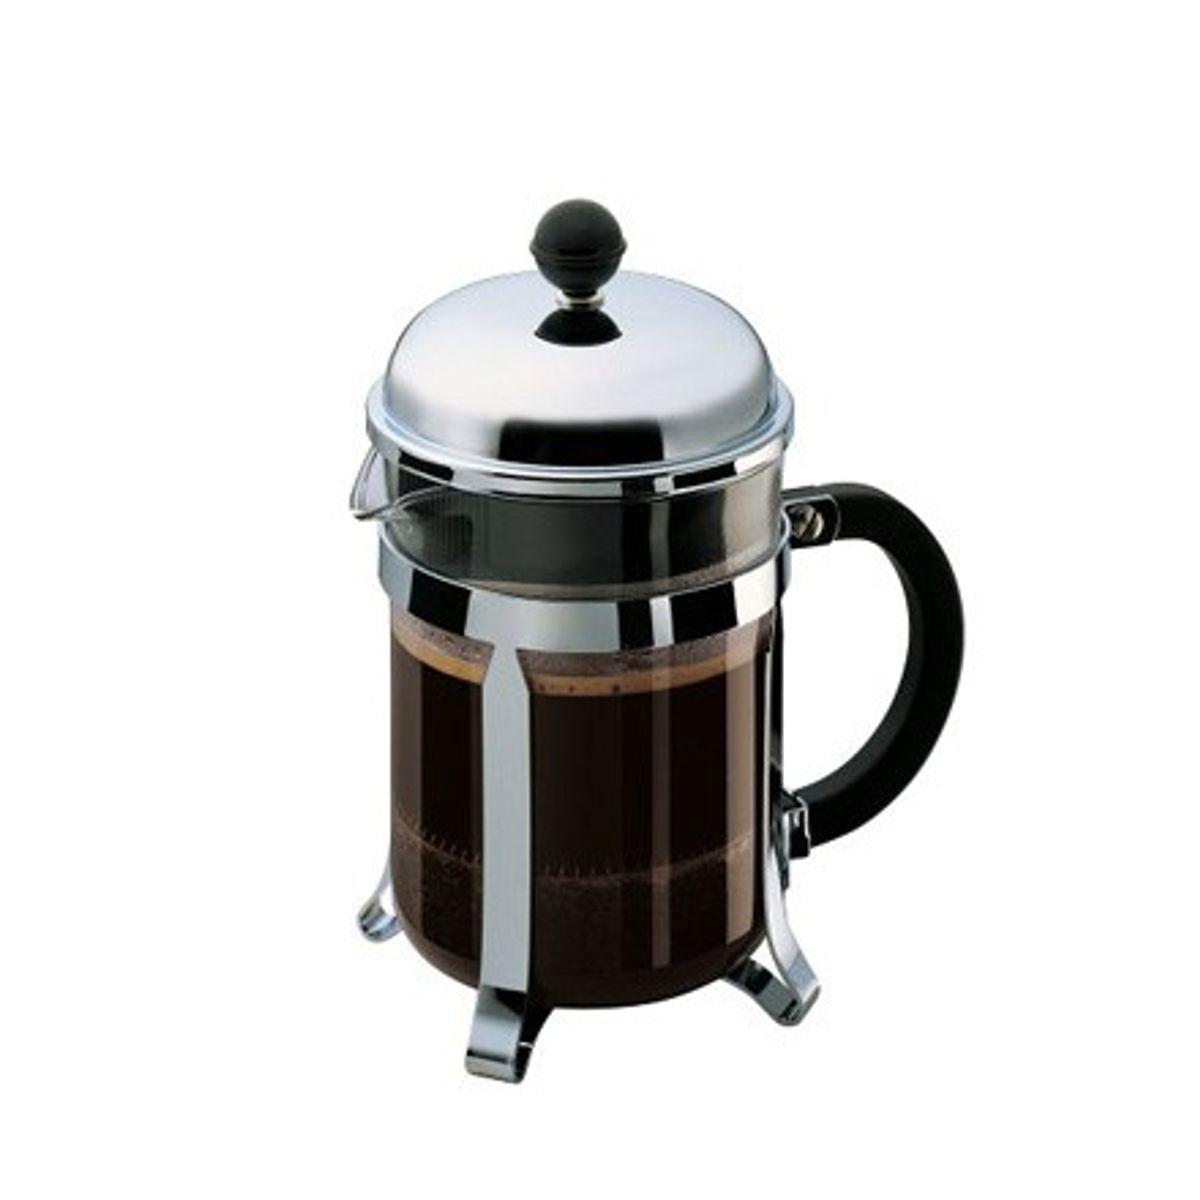 CAFETIERE A PISTON CHAMBORD - 4T - BODUM